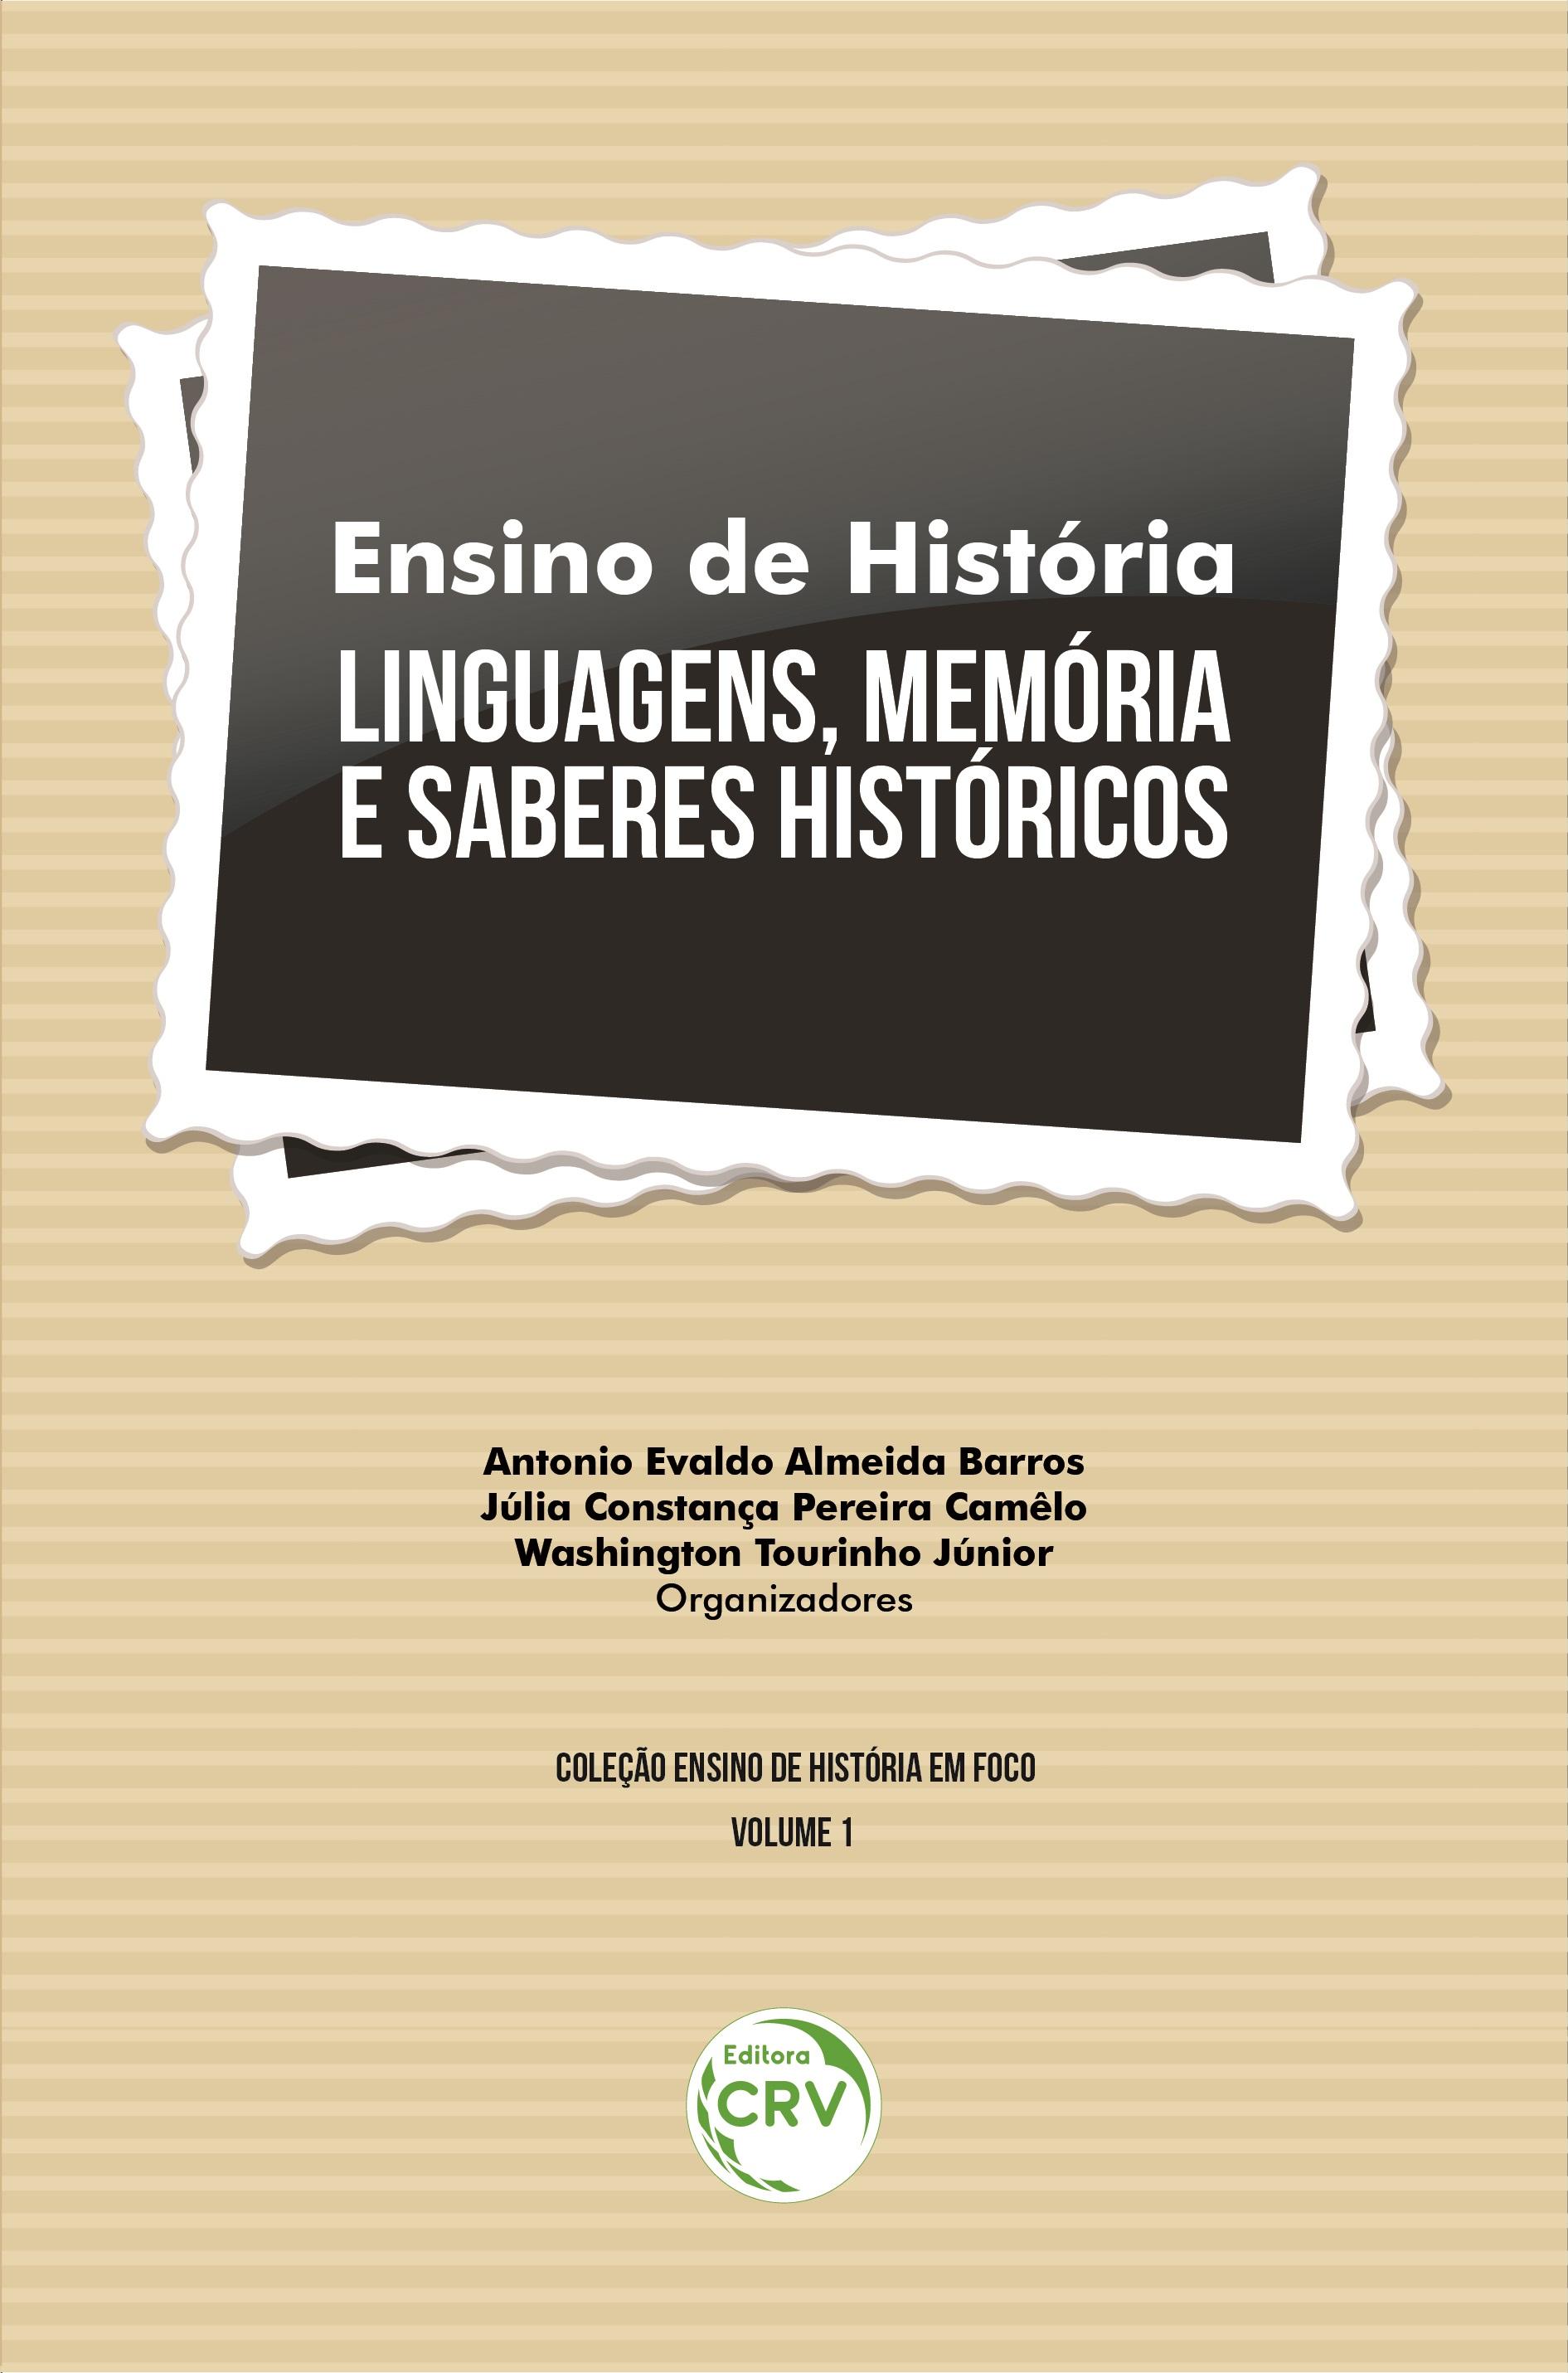 Capa do livro: ENSINO DE HISTÓRIA:<br> linguagens, memória e saberes históricos <br> Coleção Ensino de História em foco - Volume 1